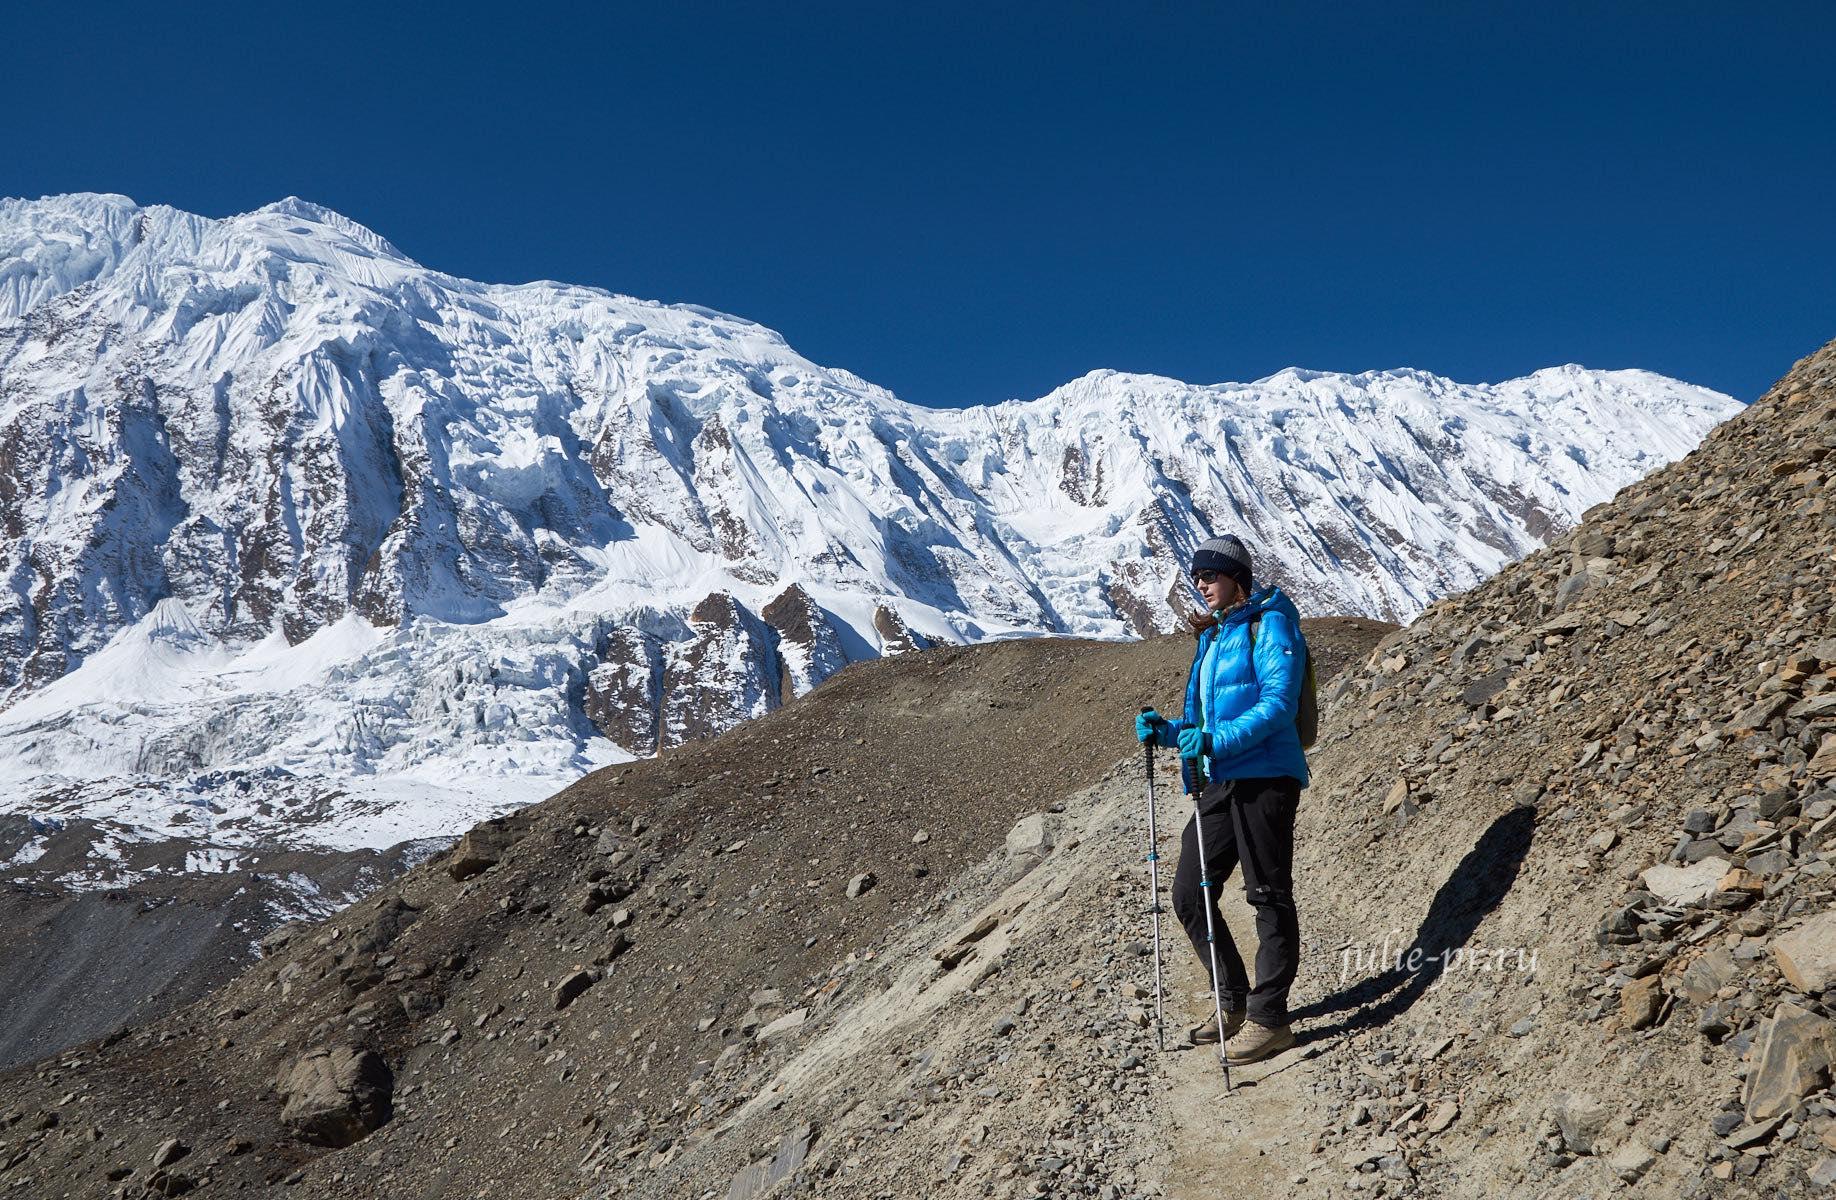 Непал, Трек вокруг Аннапурны, Тиличо, Большой барьер